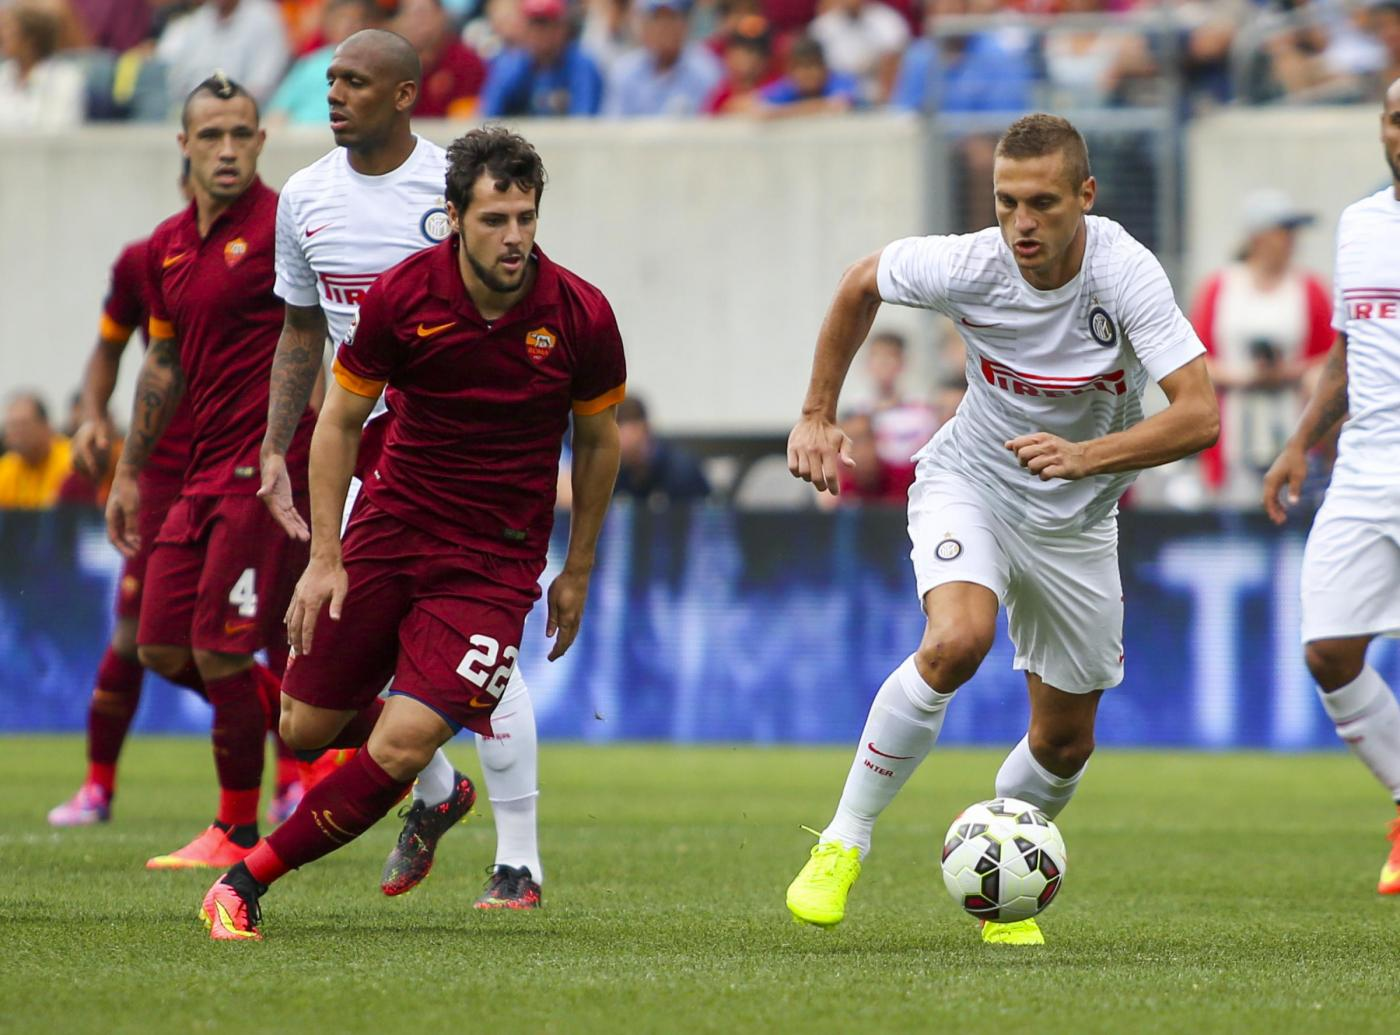 Calciomercato 2014/15: tutti gli acquisti e le cessioni